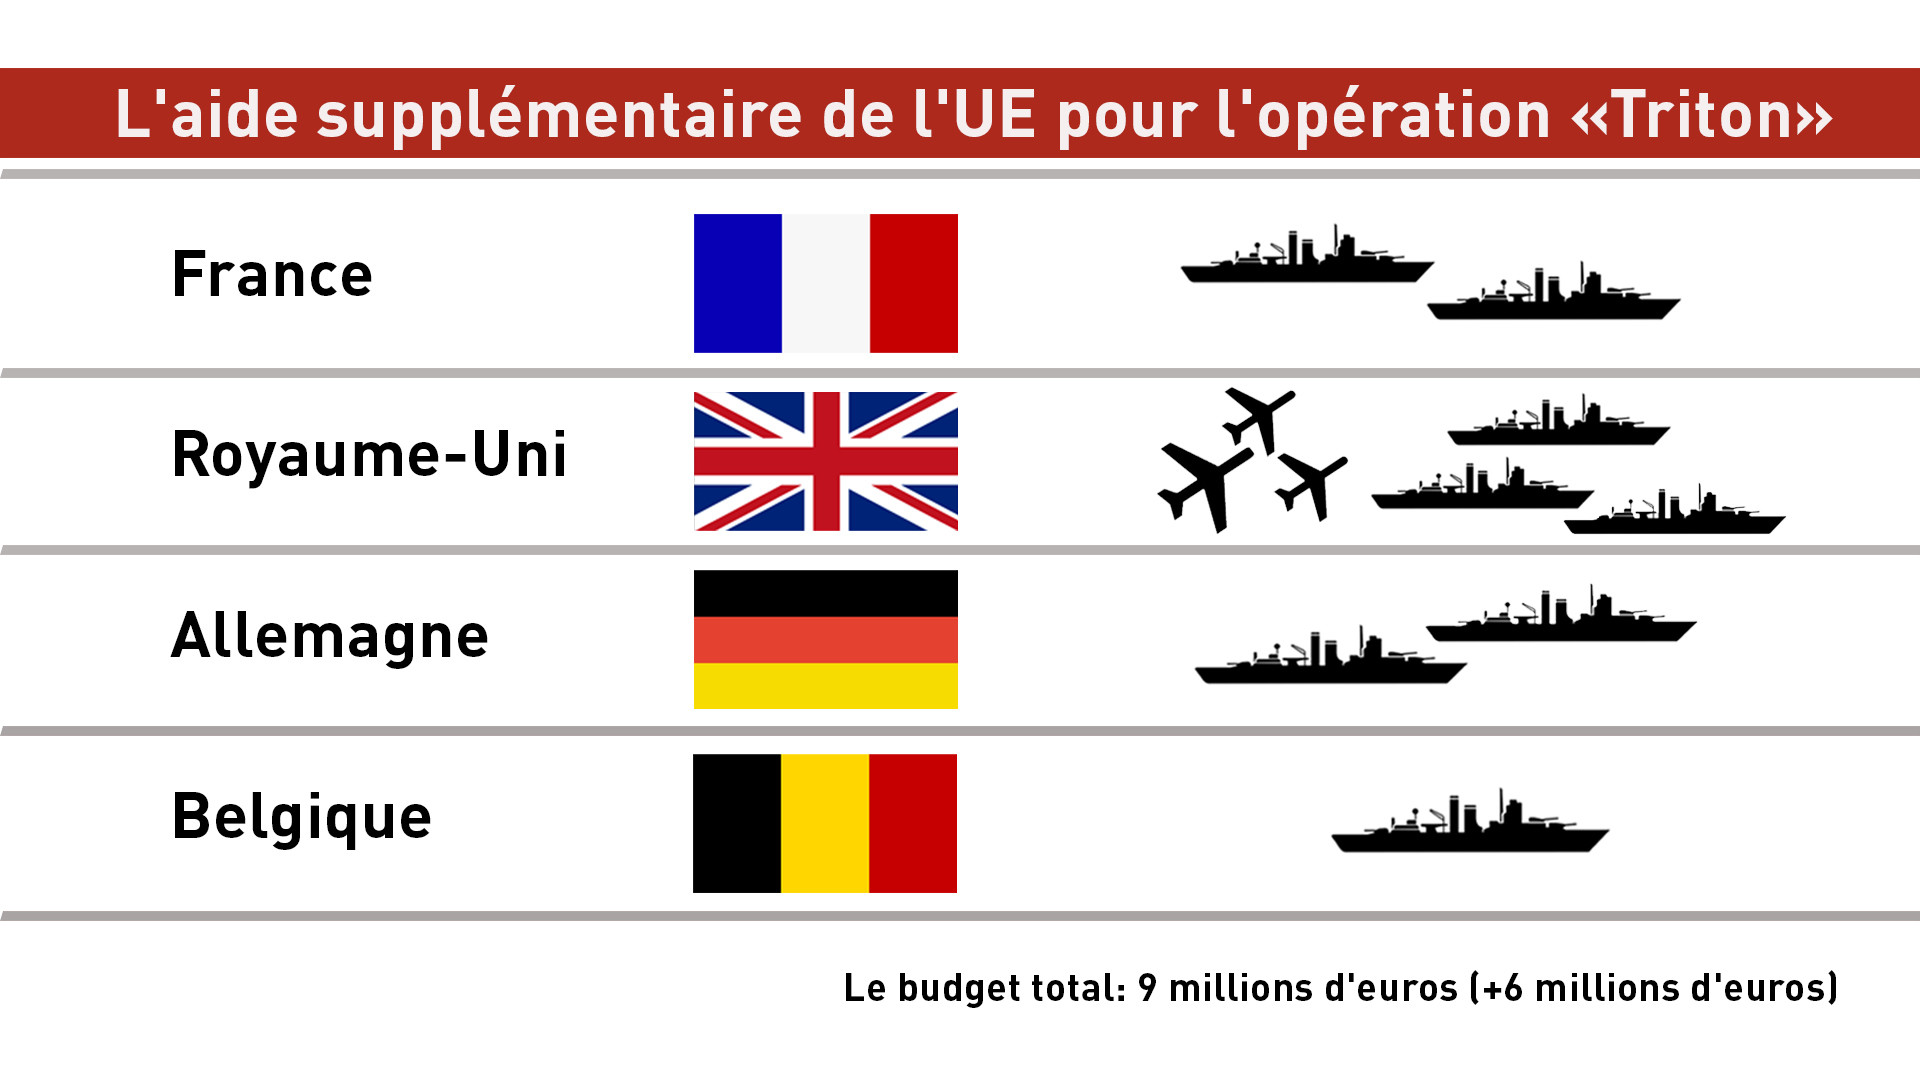 L'aide supplémentaire de l'UE pour l'opération «Triton»